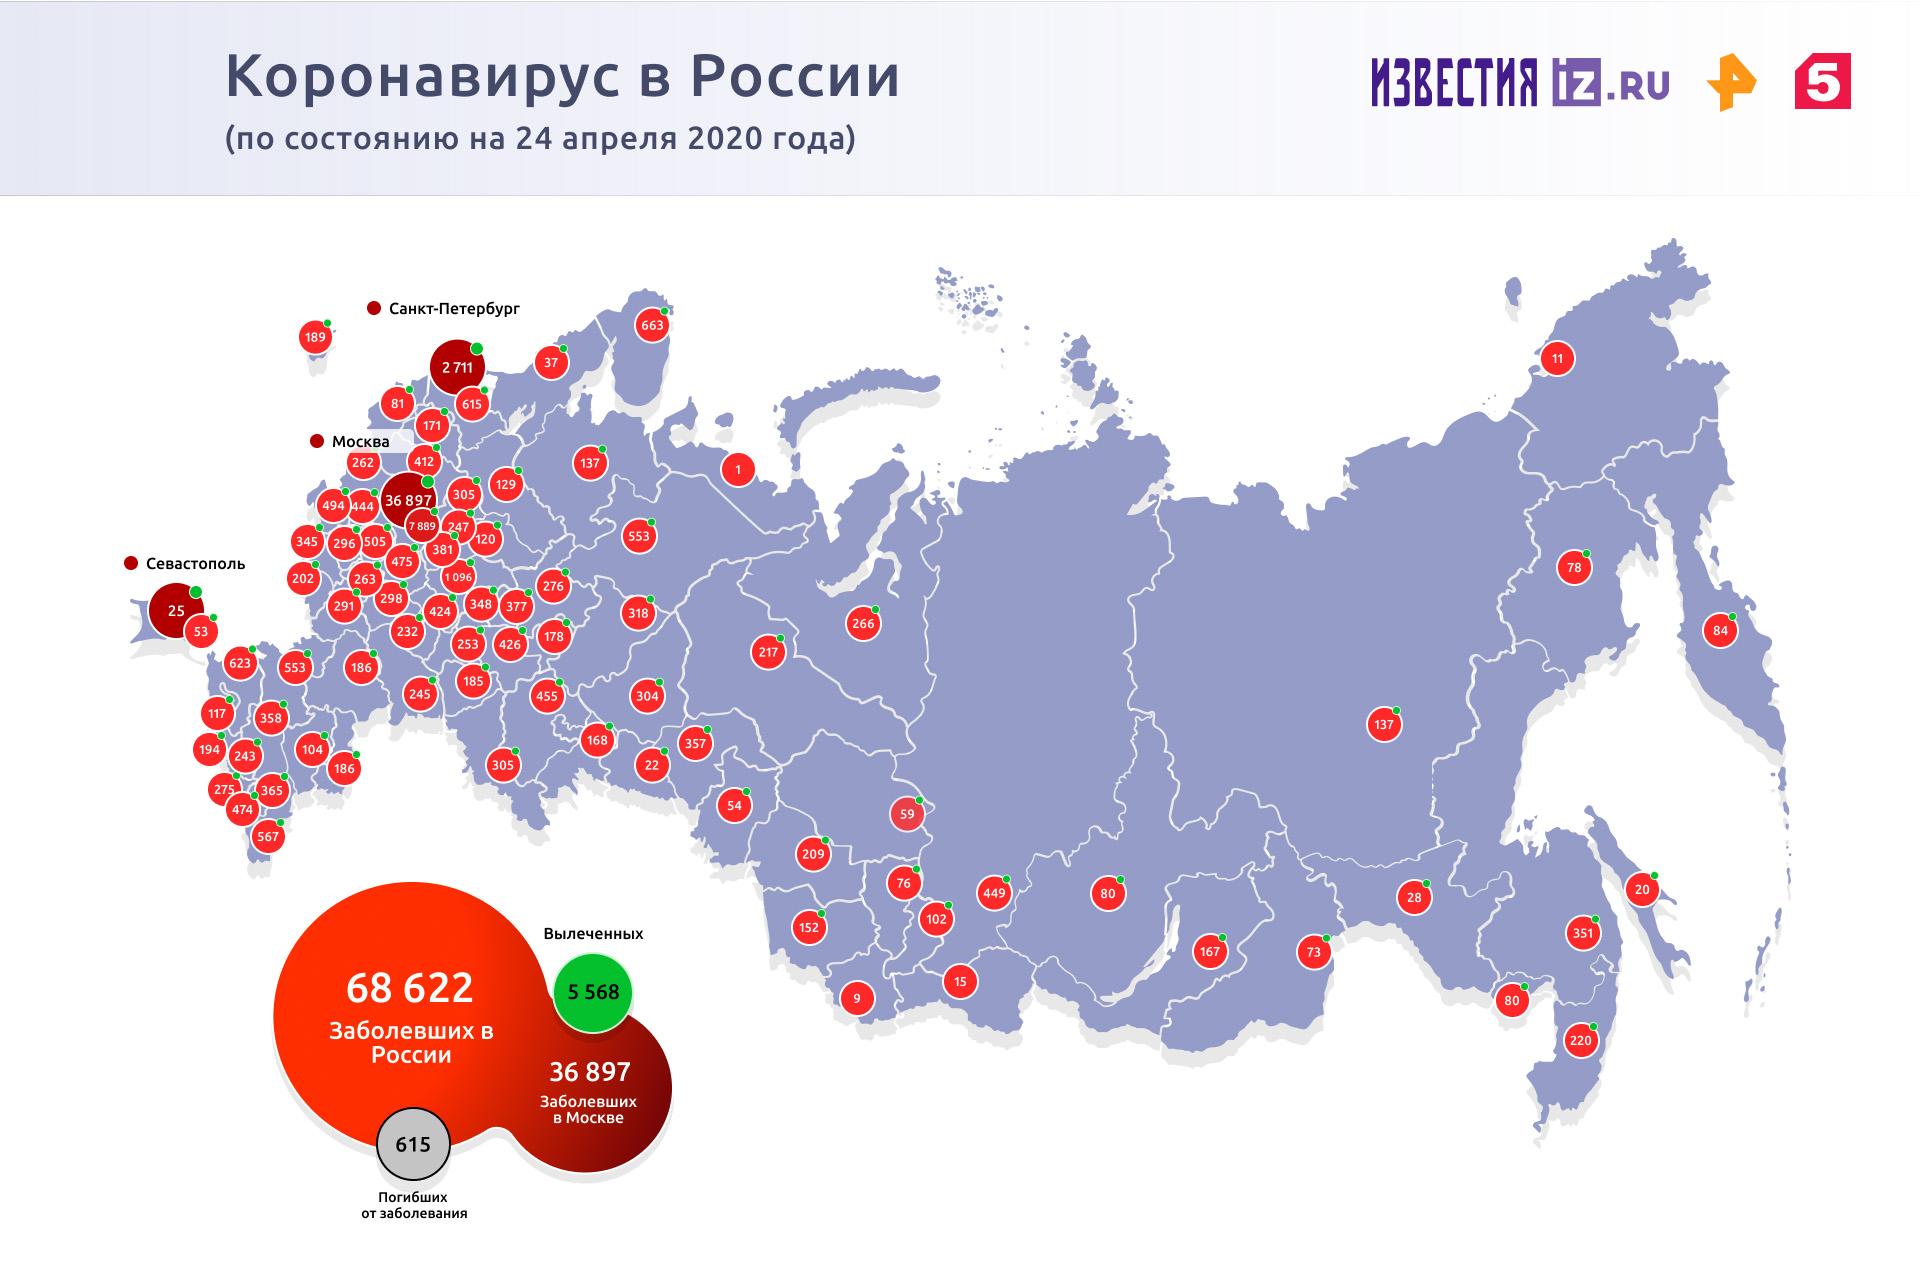 Еще 287 больных коронавирусом выздоровели в Москве